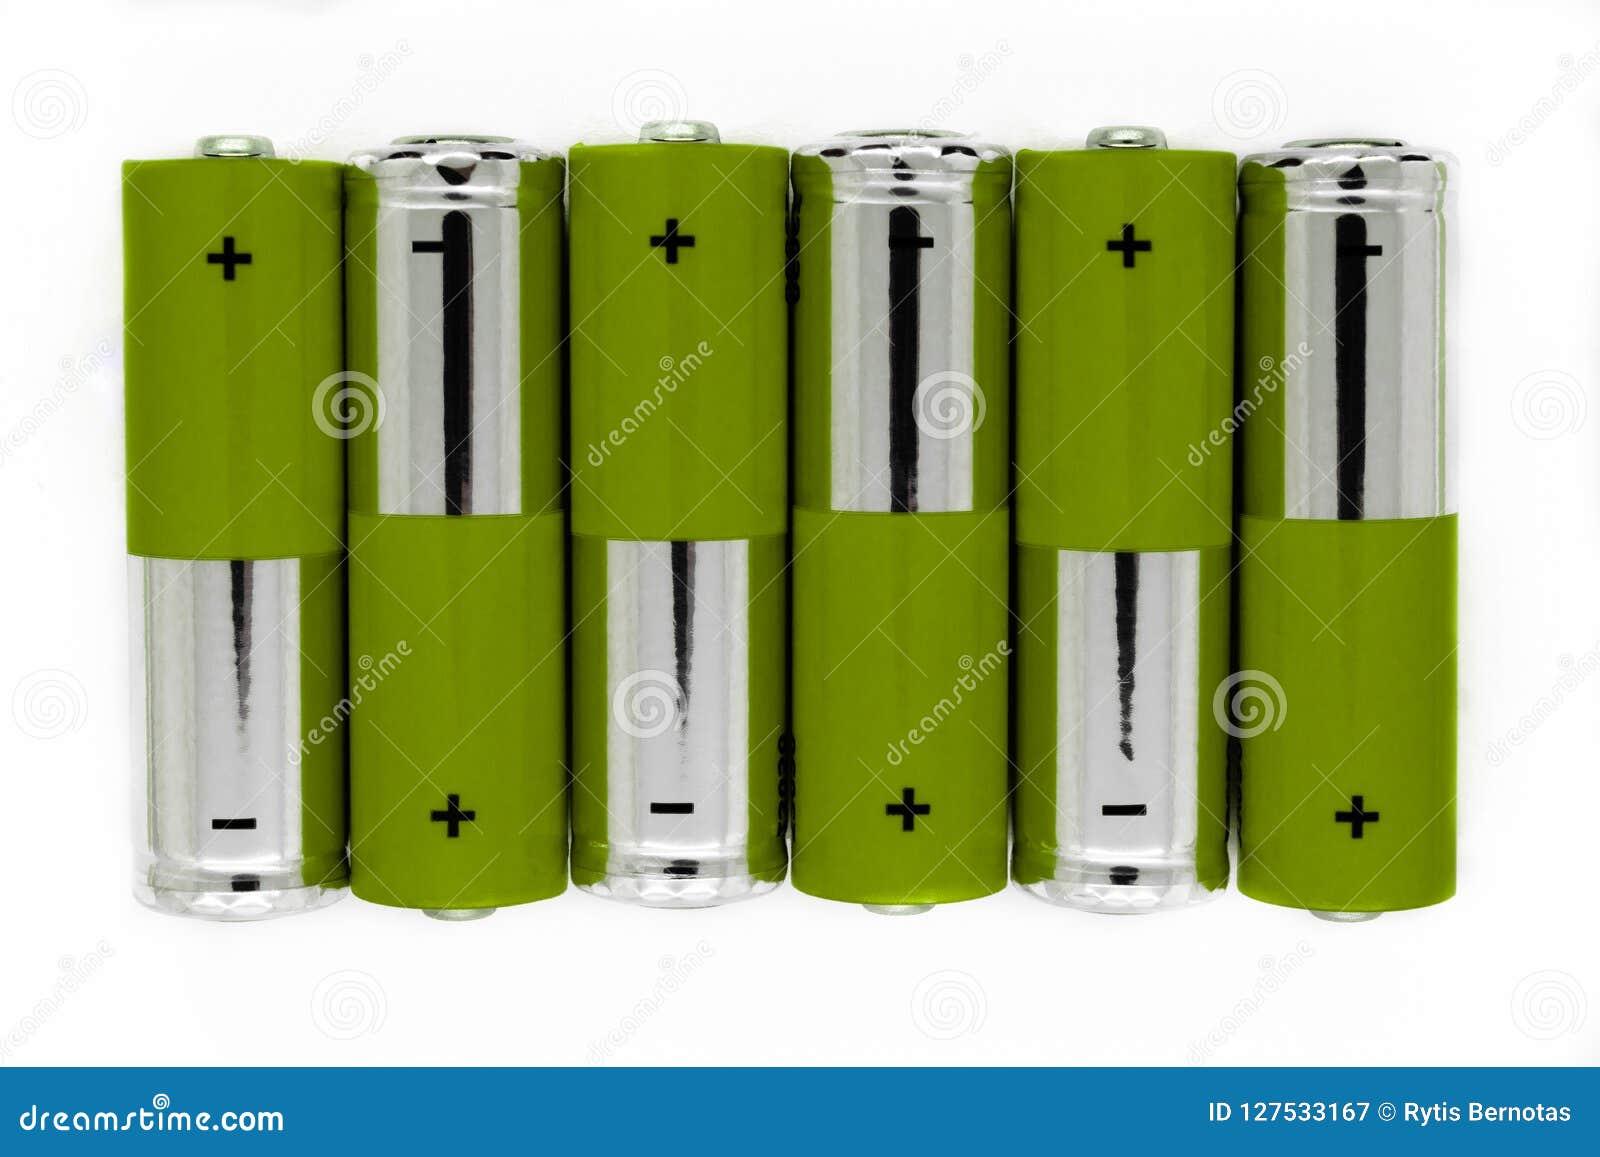 Цвета для батарей